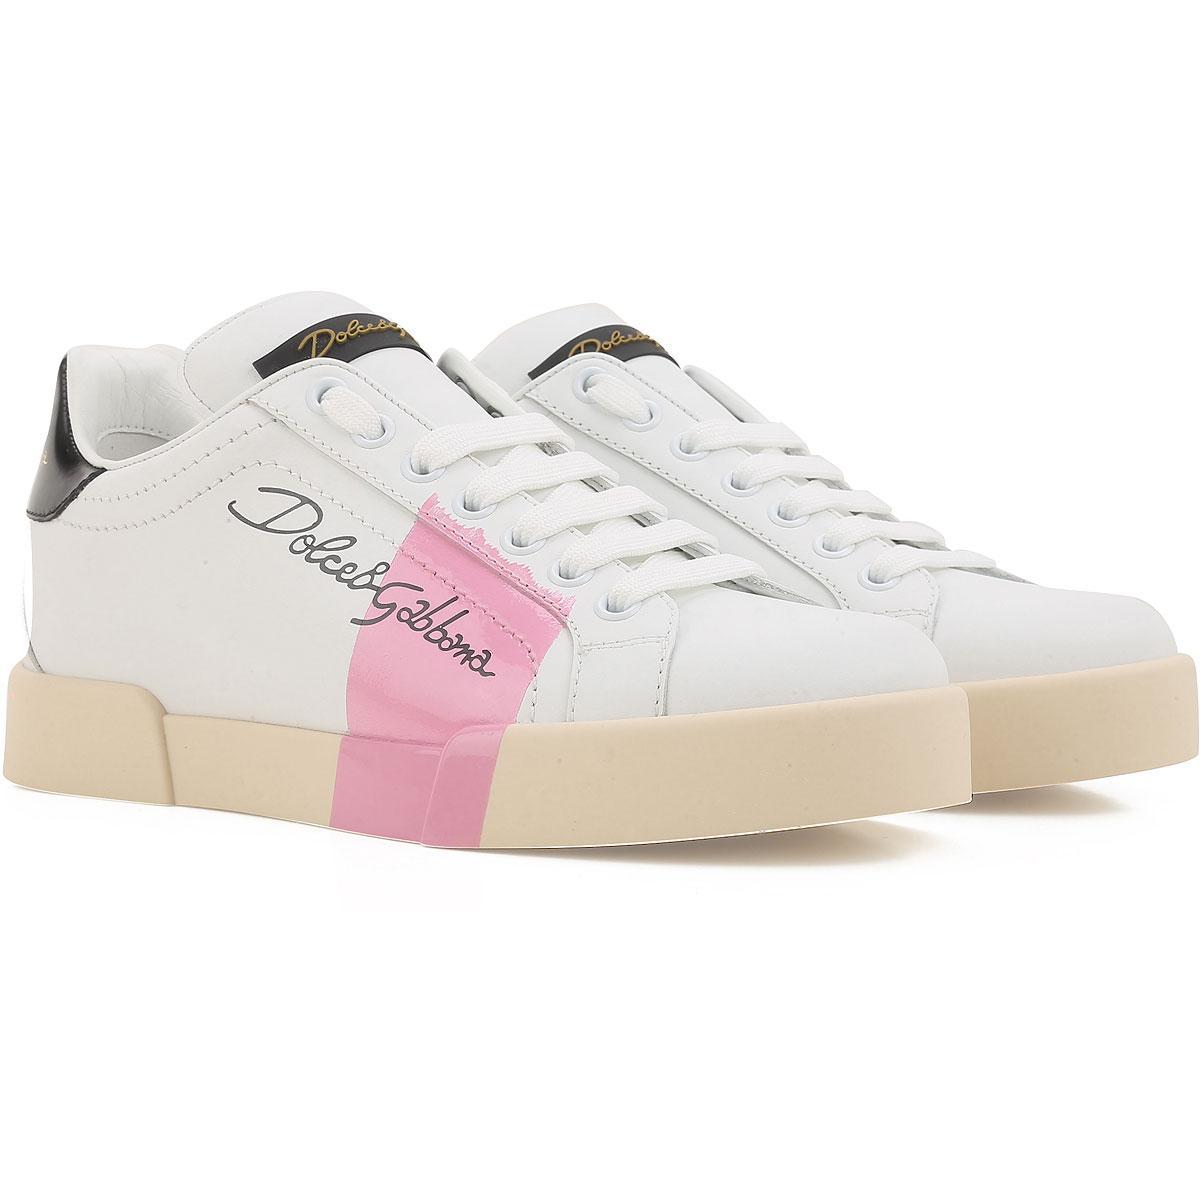 Dolce \u0026 Gabbana Sneakers For Women On